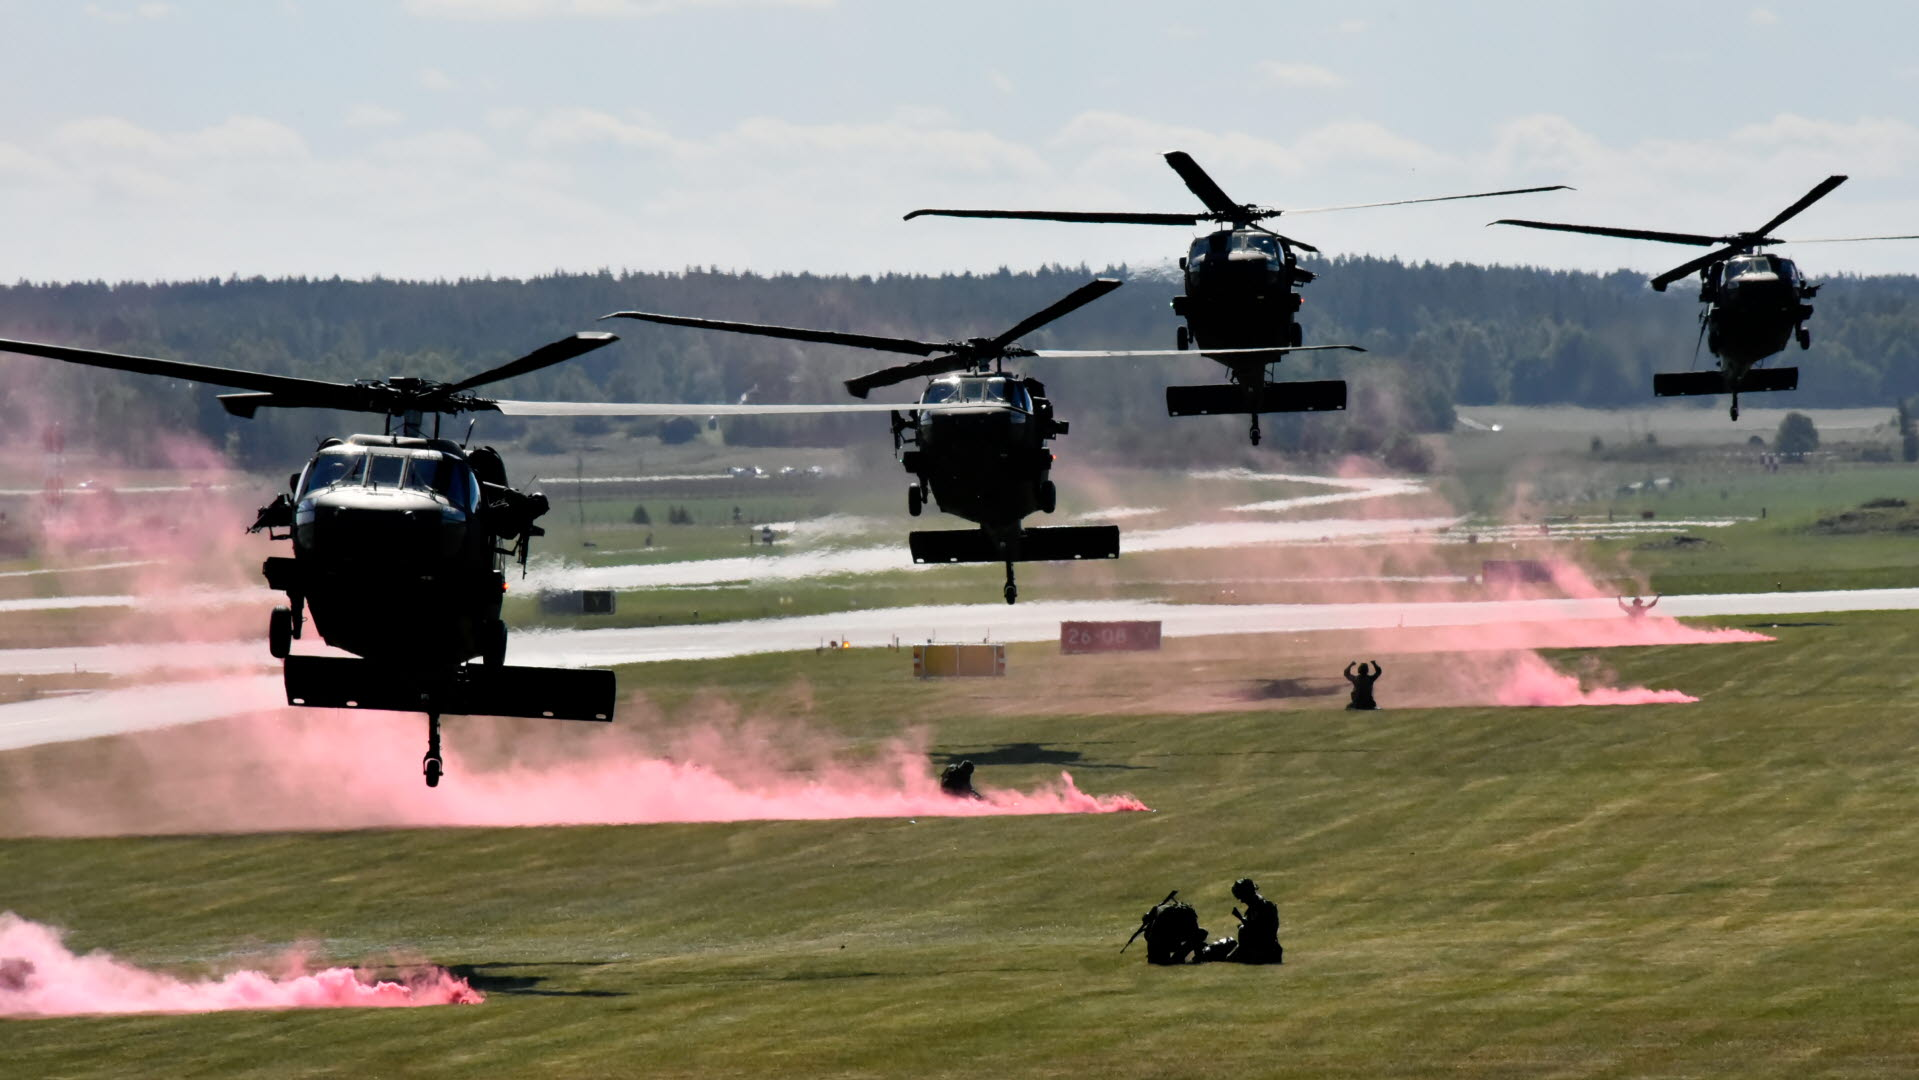 Soldater ur fjärde basenheten och Hemvärnet flögs in av åtta helikopter 16 Black Hawk under en stridsförevisning. - Foto Jenny Collin